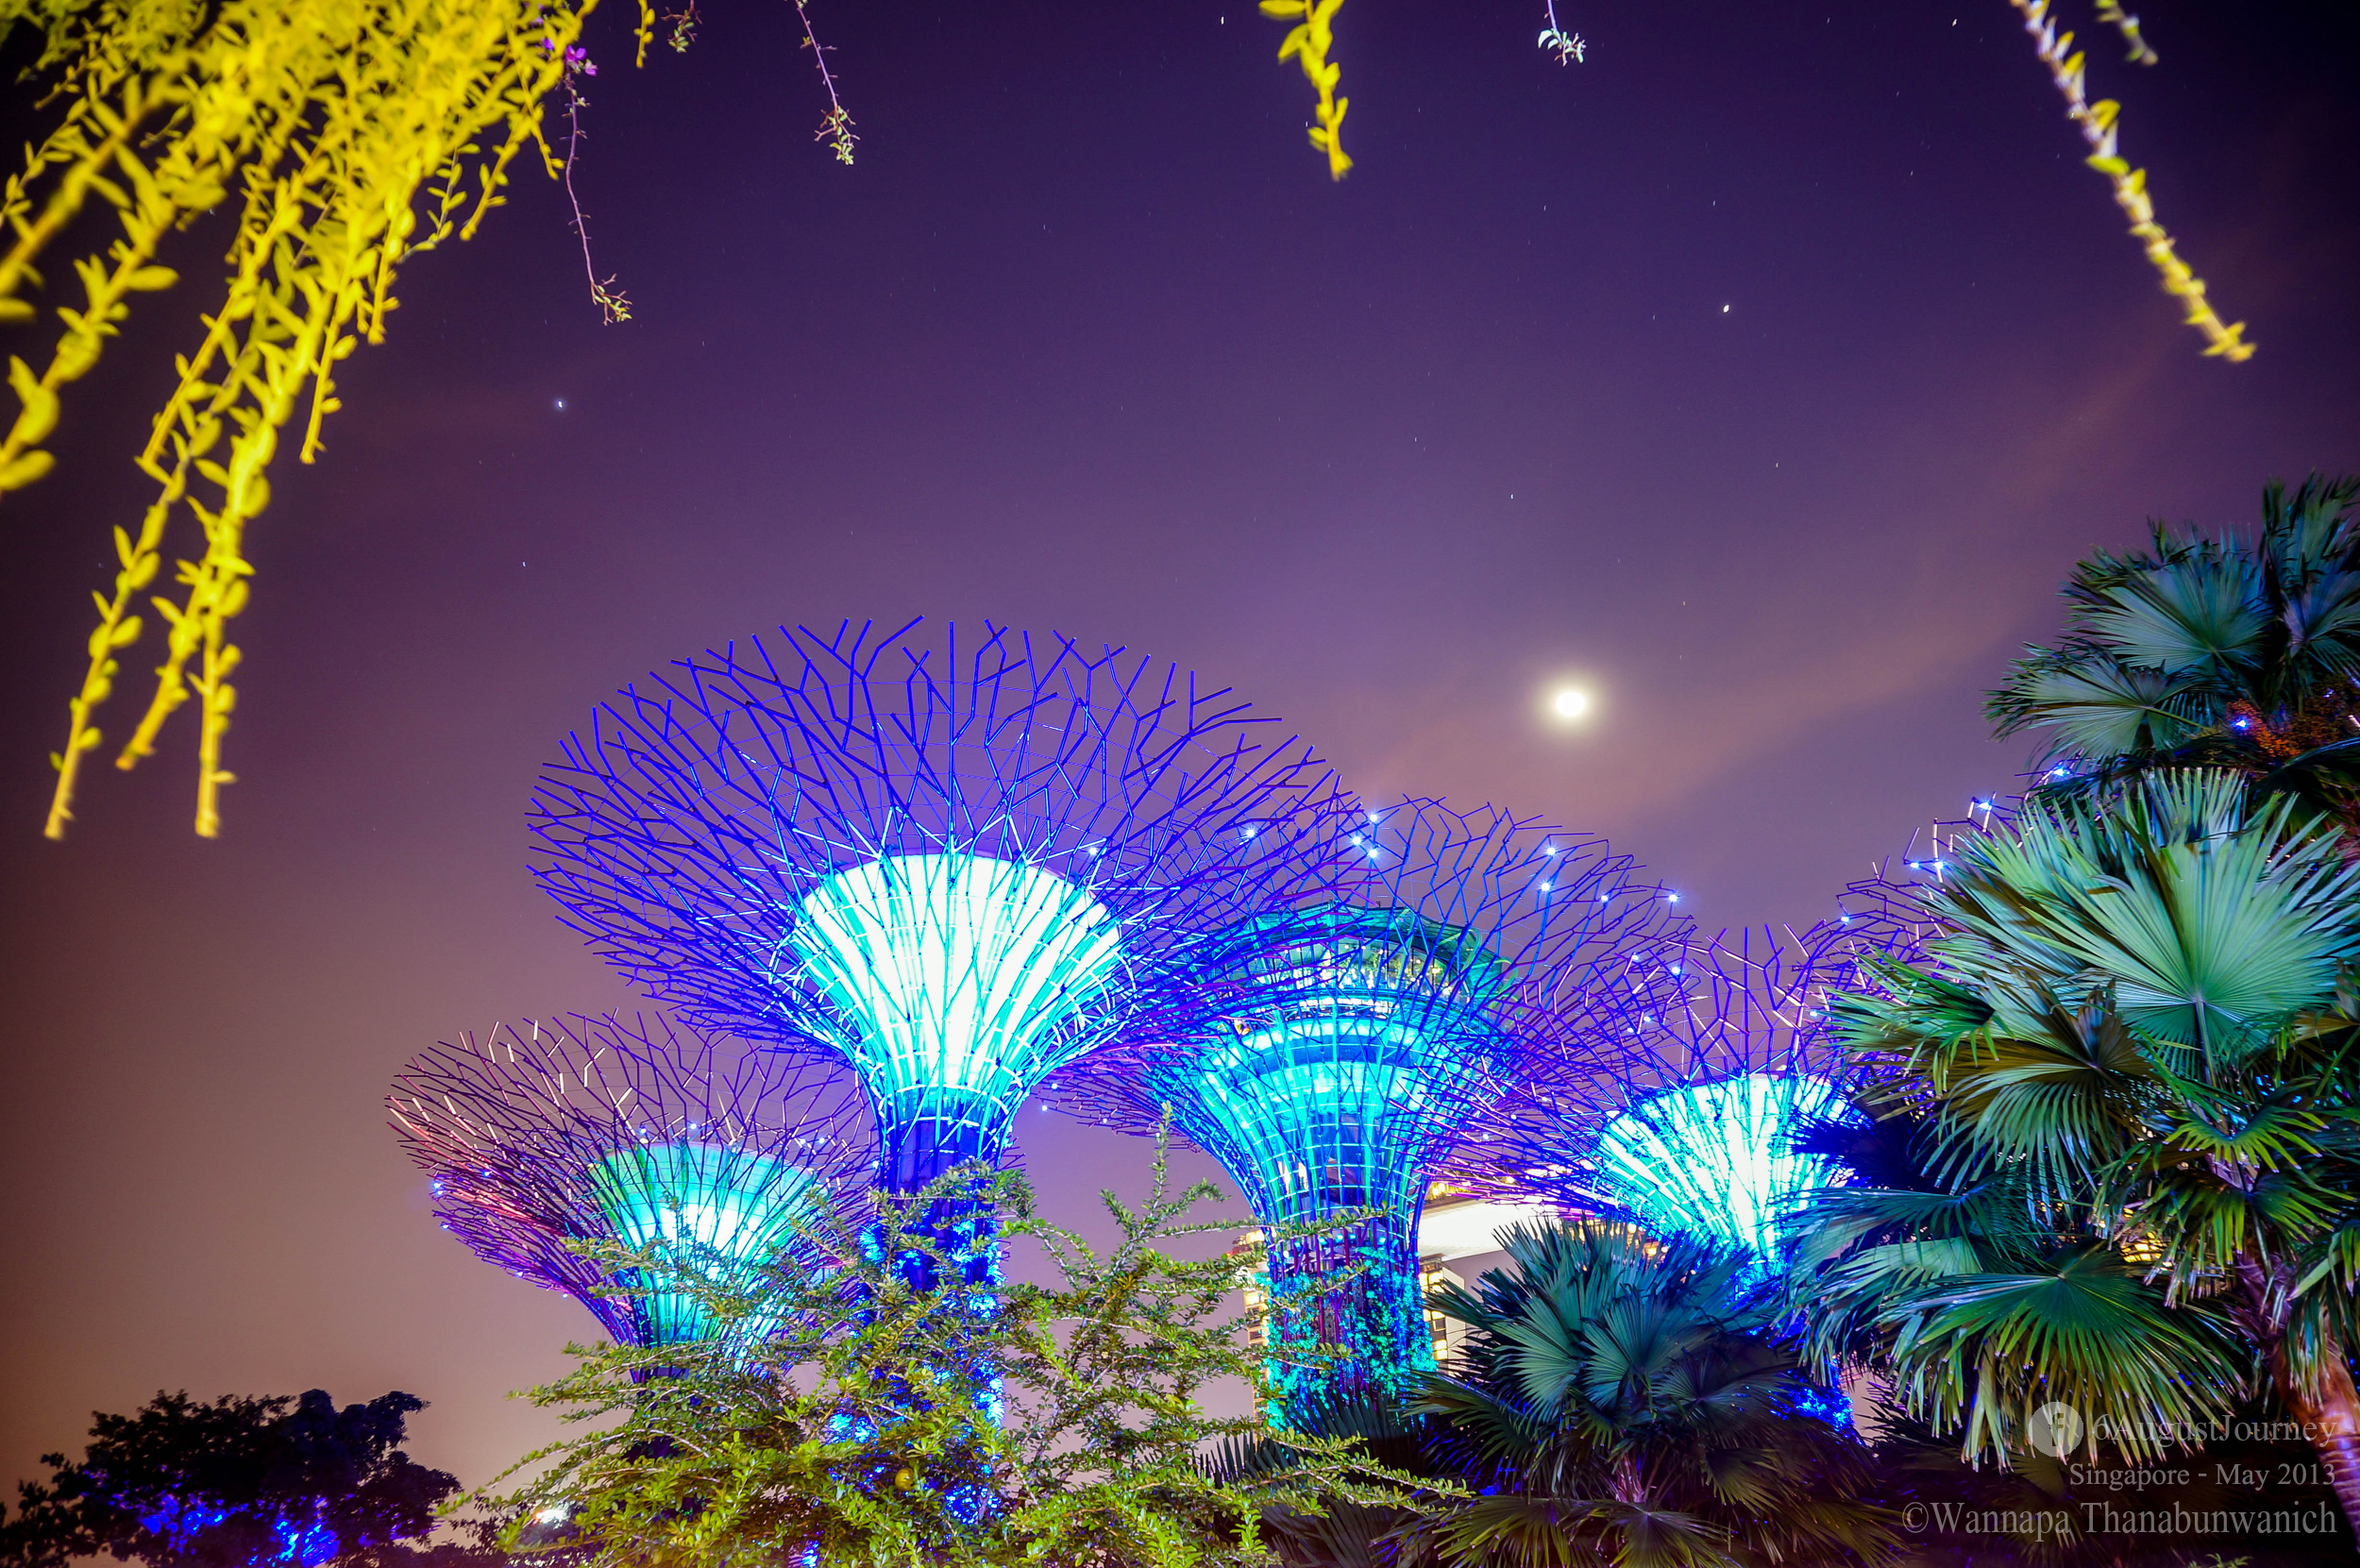 ช่วงเวลา 1 ทุ่มจะมีการแสดงแสงสีเสียงที่สวนแห่งนี้ค่ะ ดันตรงเวลาเดียวกับแสงเลเซอร์ที่ตึกมาริน่า เบย์ พอดีอีก เลือกได้ค่ะจะดูอะไร ตอนไหน กะเวลาดีๆ